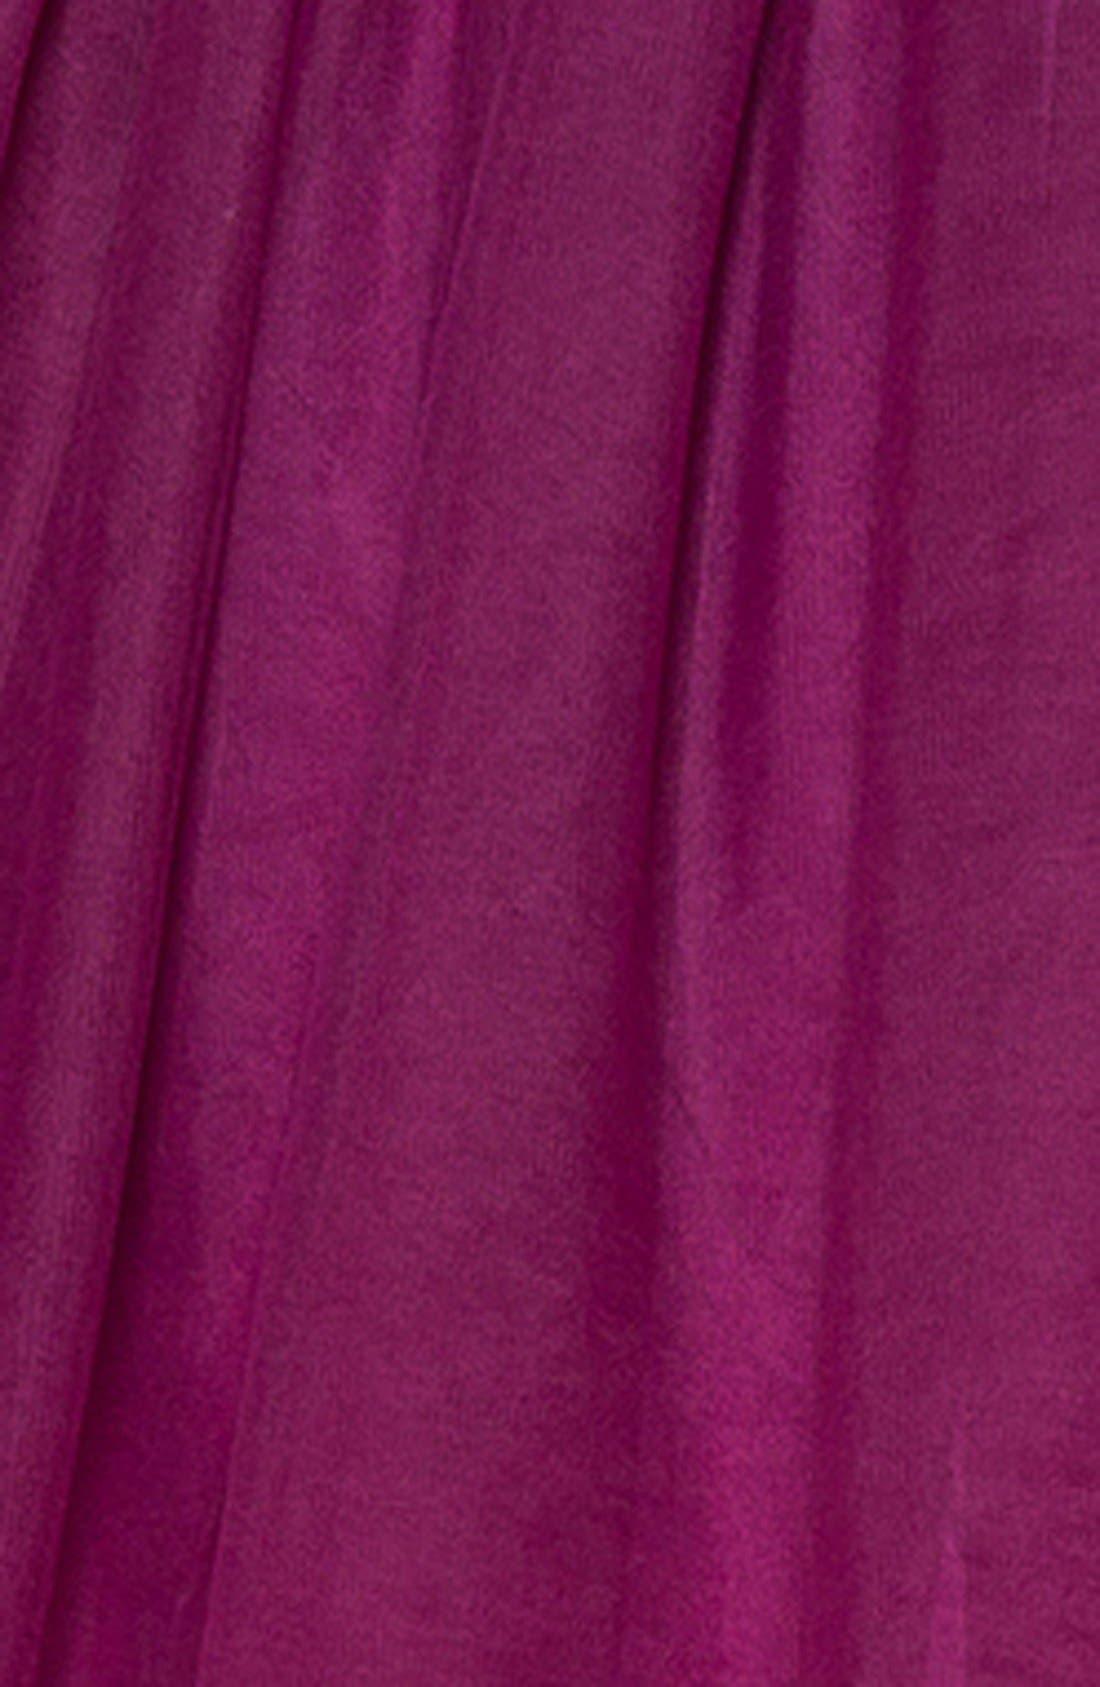 Alternate Image 3  - ELOQUIITulle Midi Skirt (Plus Size)